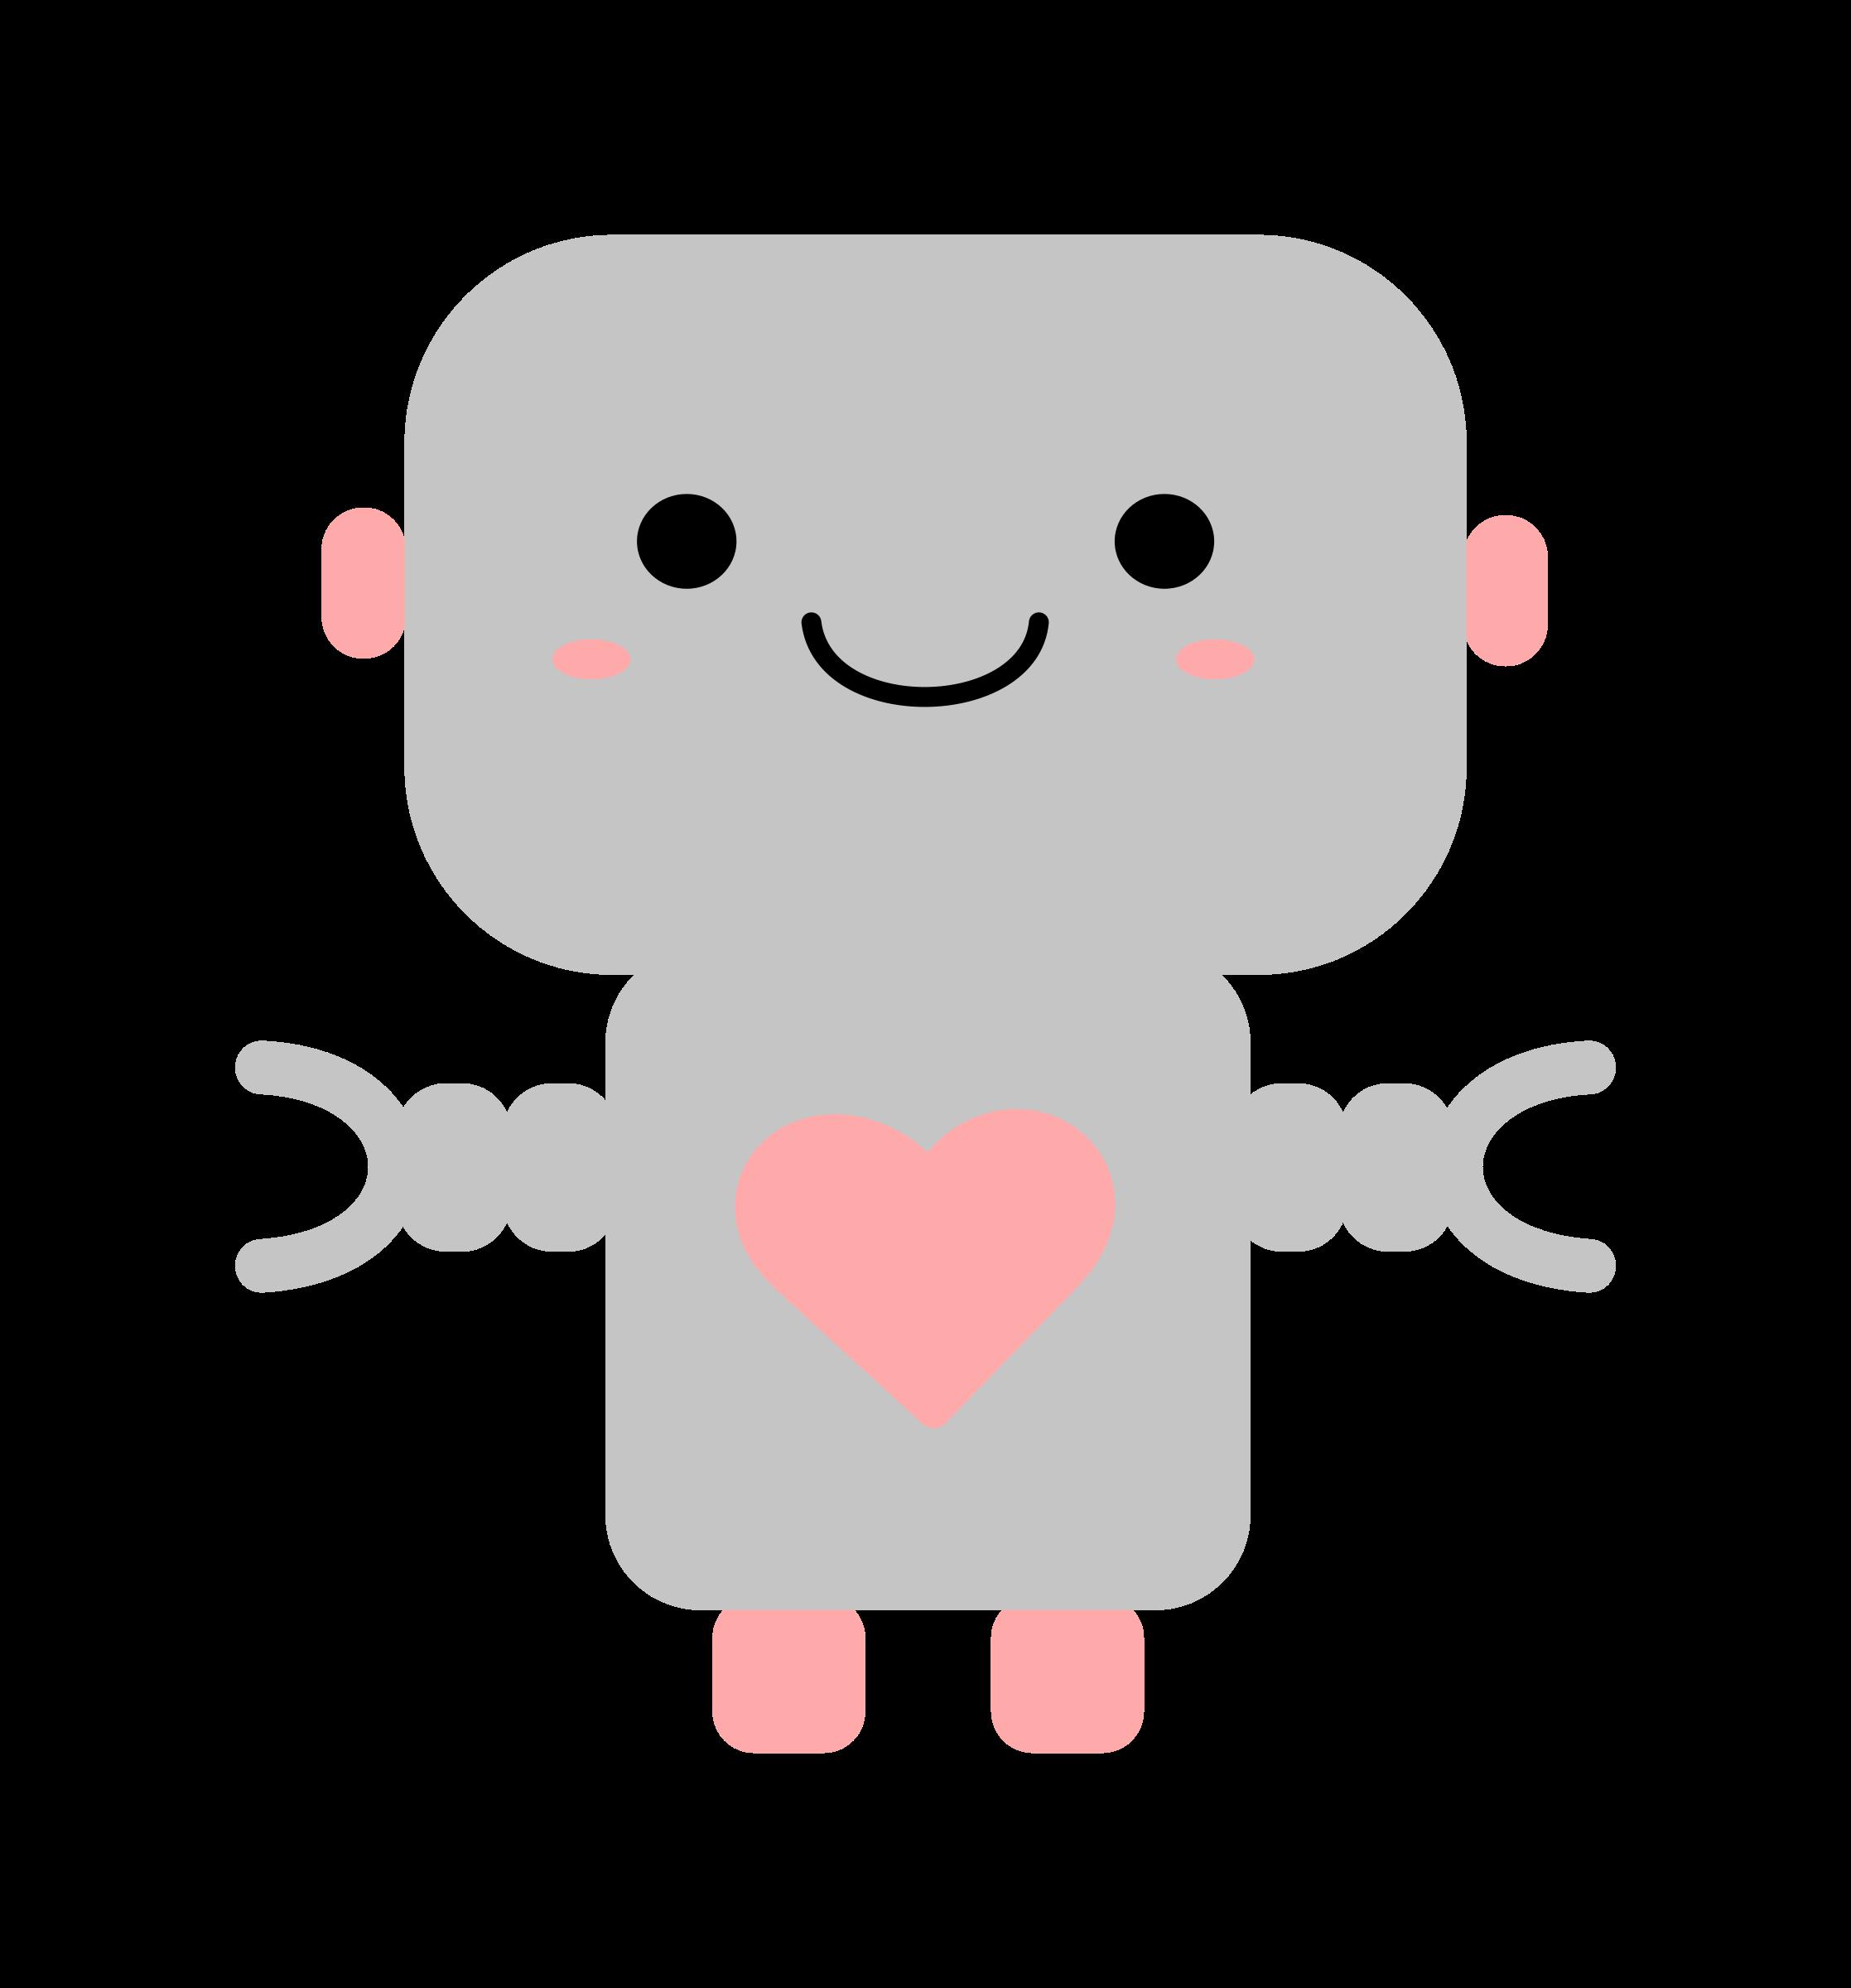 clipart kawaii robot